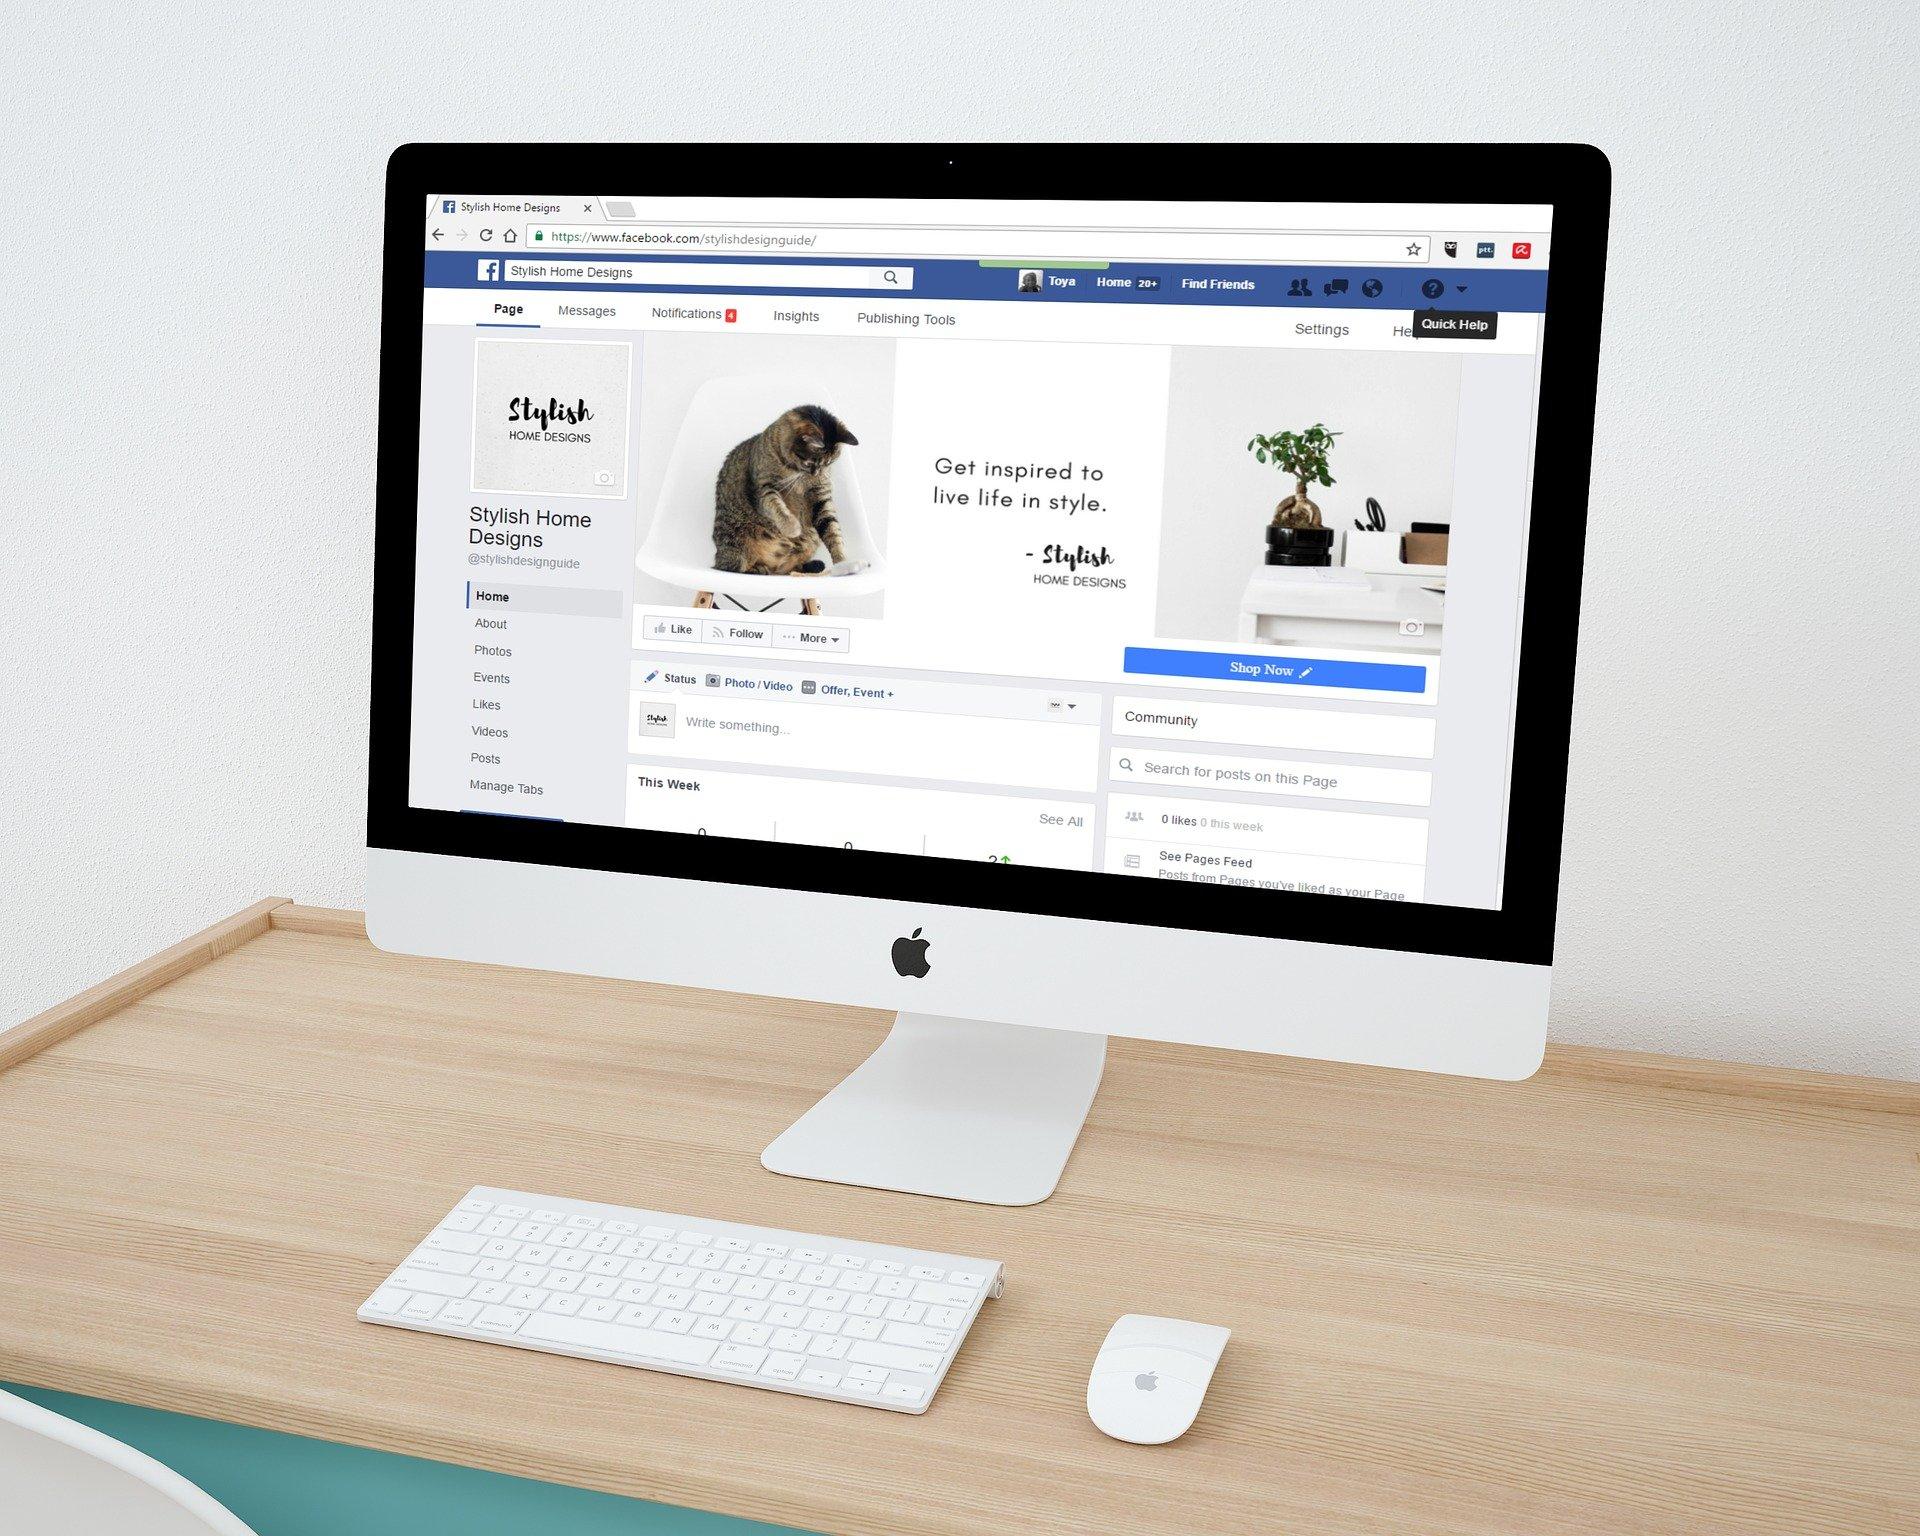 Comment faire de l'argent sur Facebook